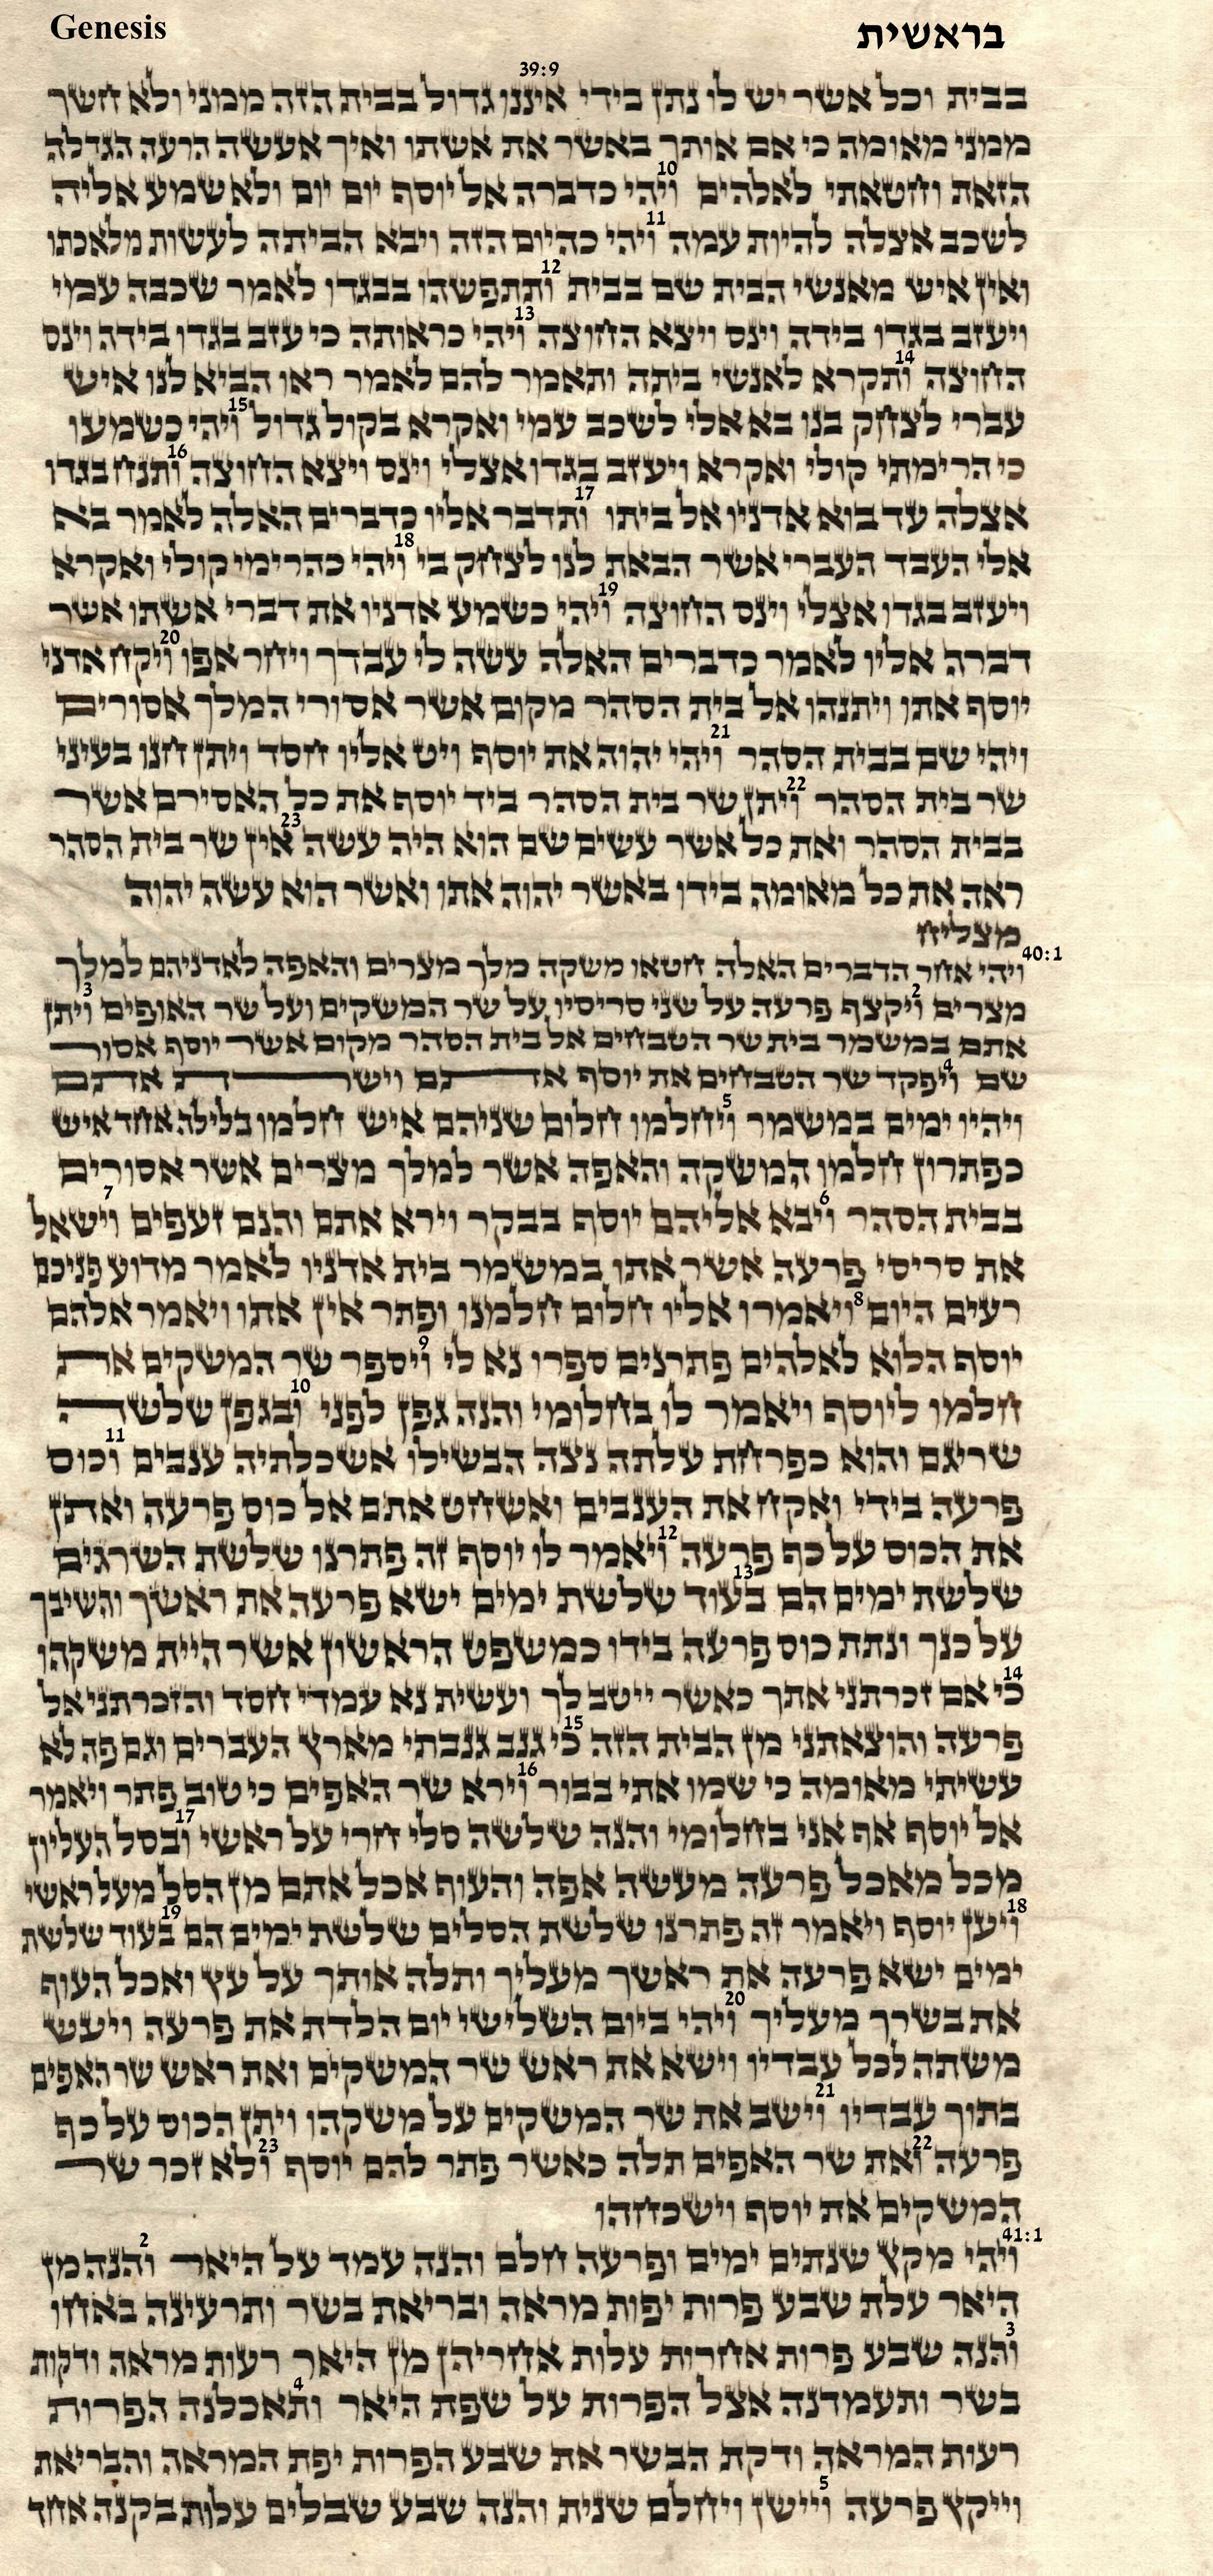 Genesis 39.9 - 41.5